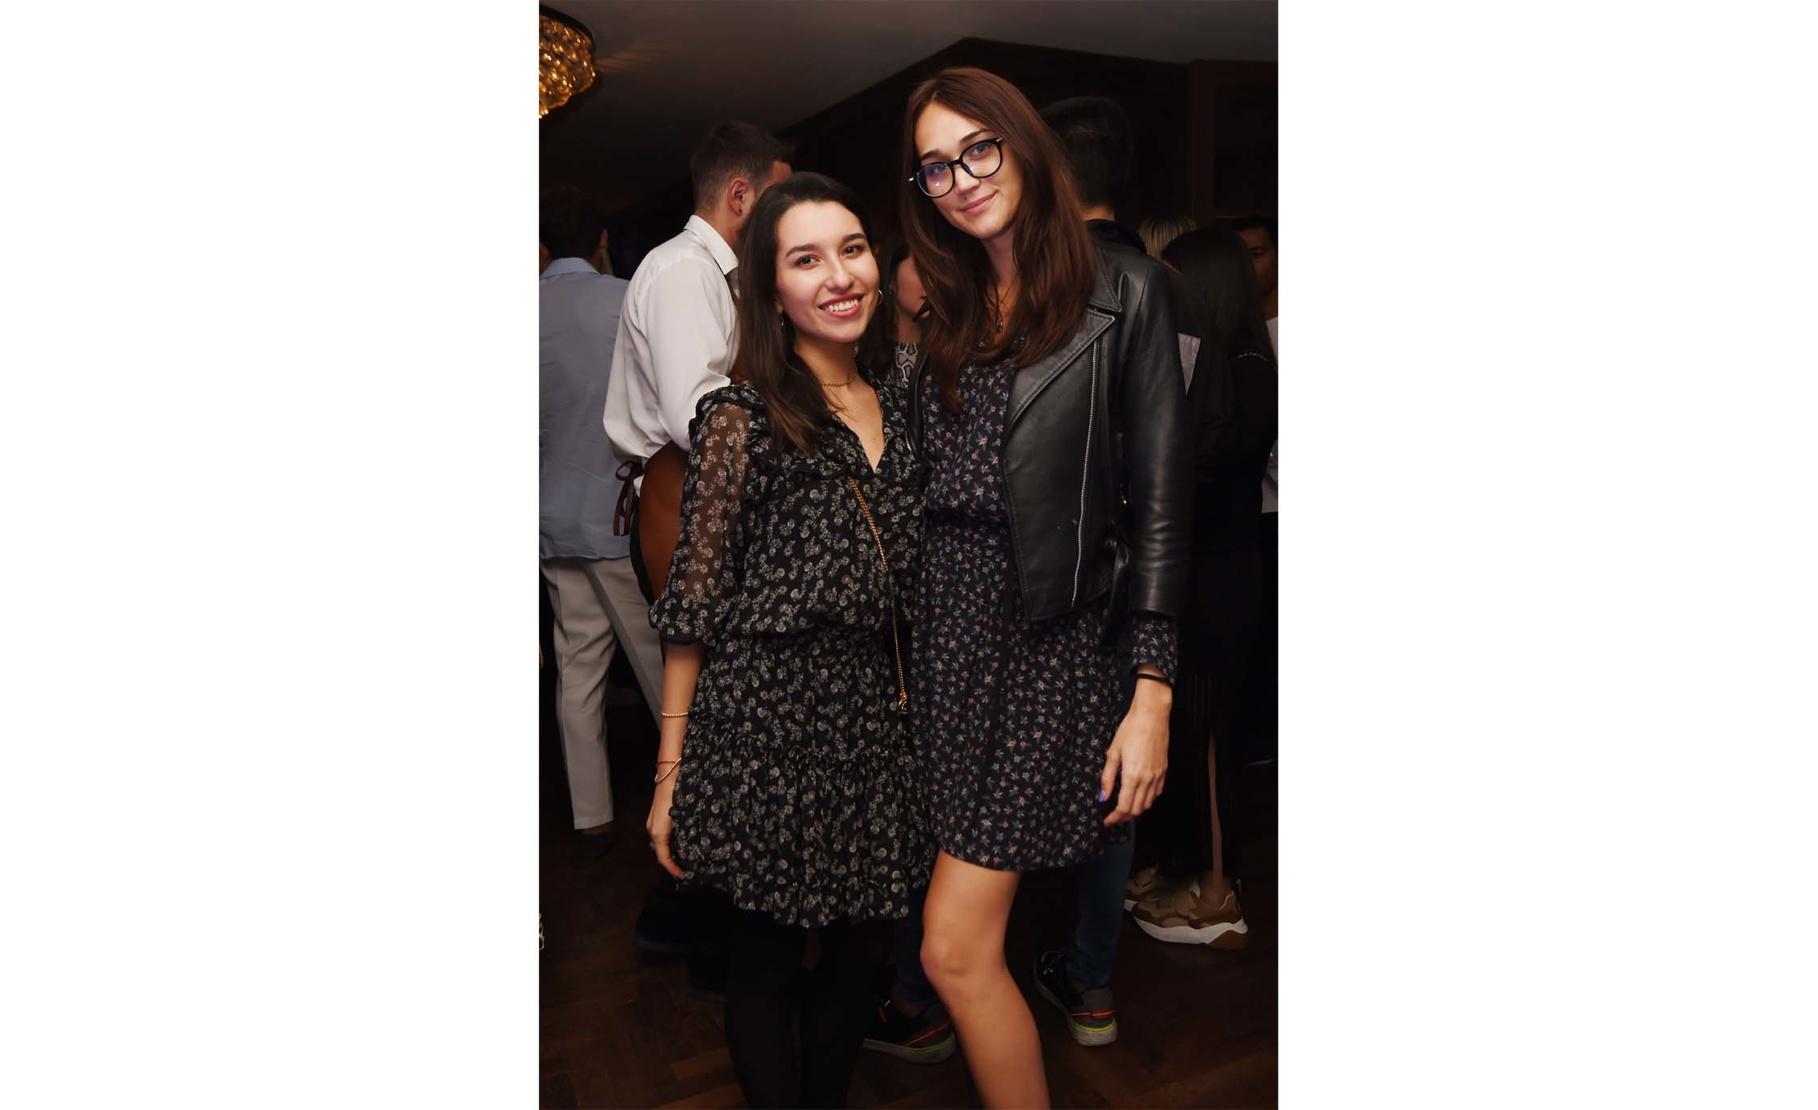 Carenina Sasha and Caroline Scannell